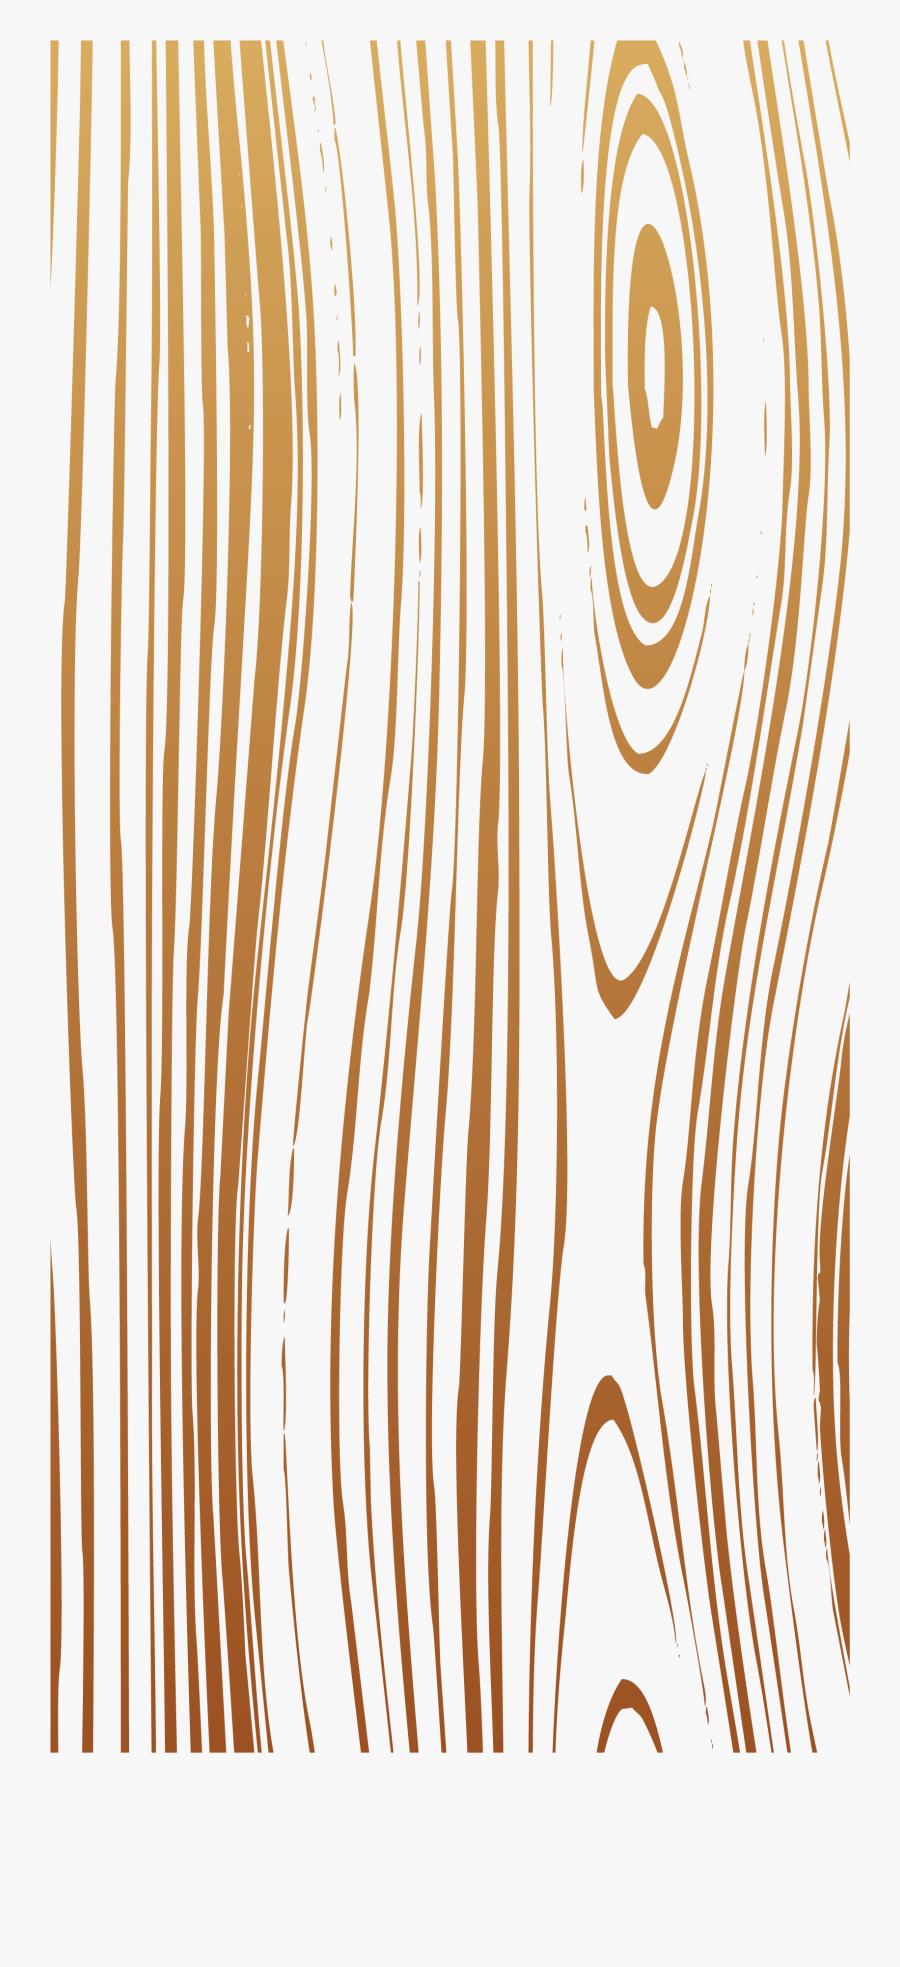 Wood Clipart Transparent Background, Transparent Clipart